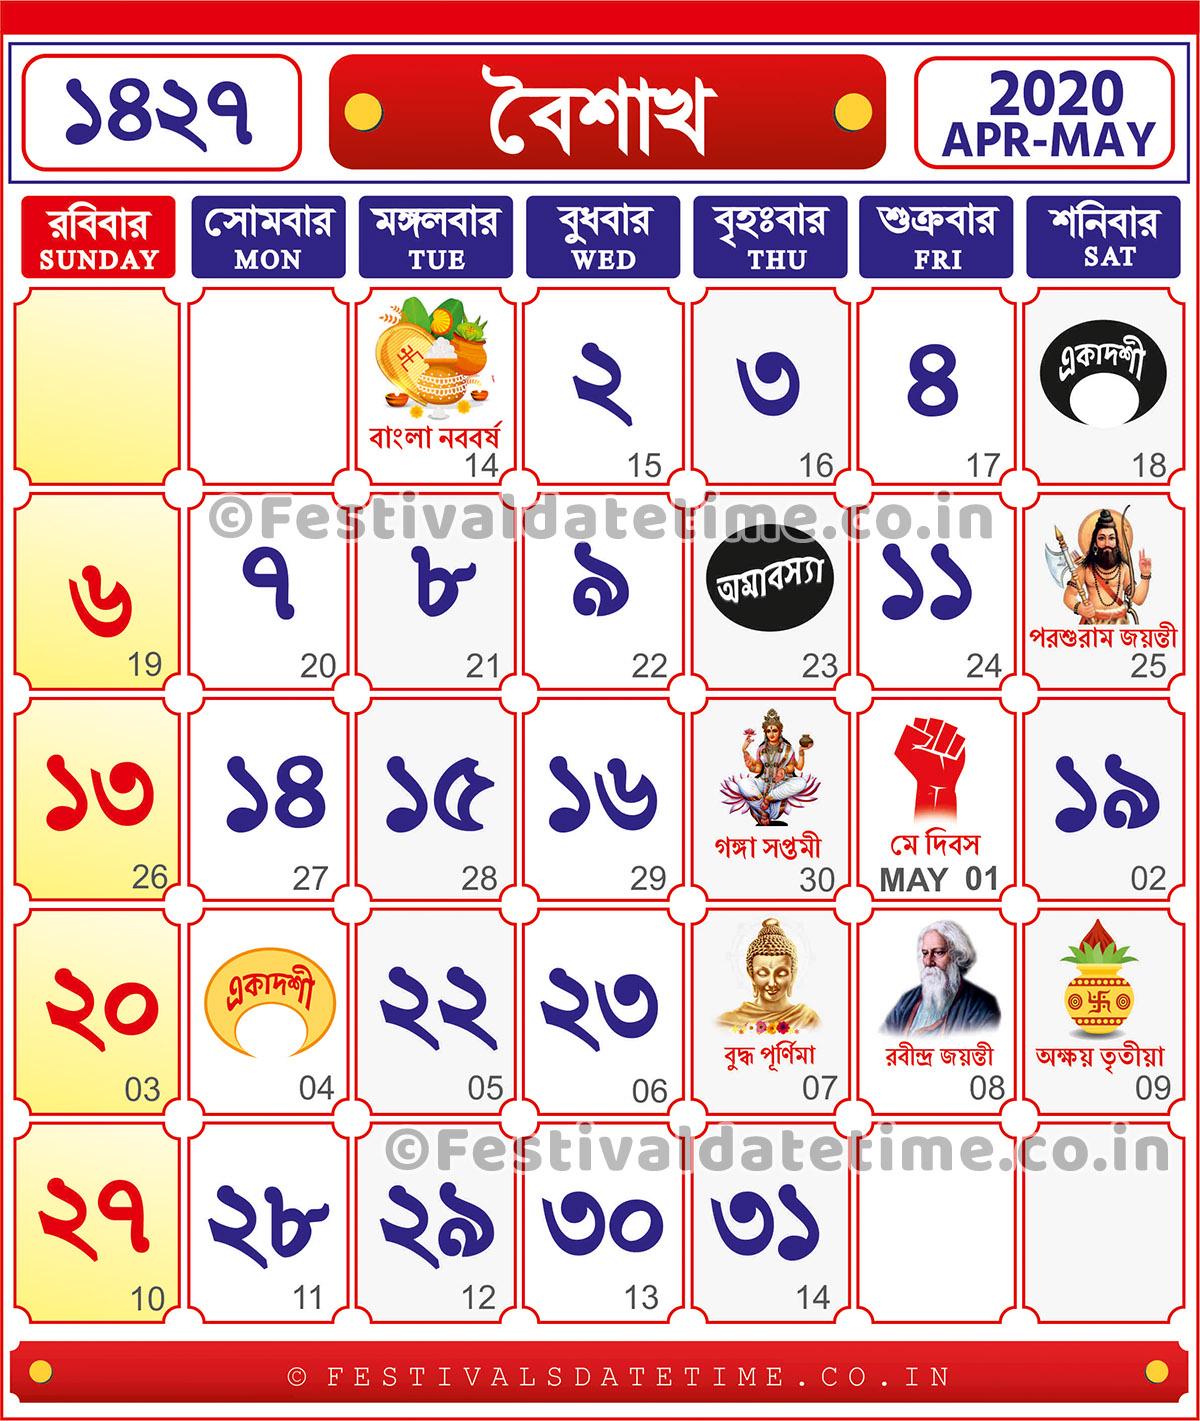 1427 Bengali Calendar - Baisakh 1427, 2020 & 2021 Bengali